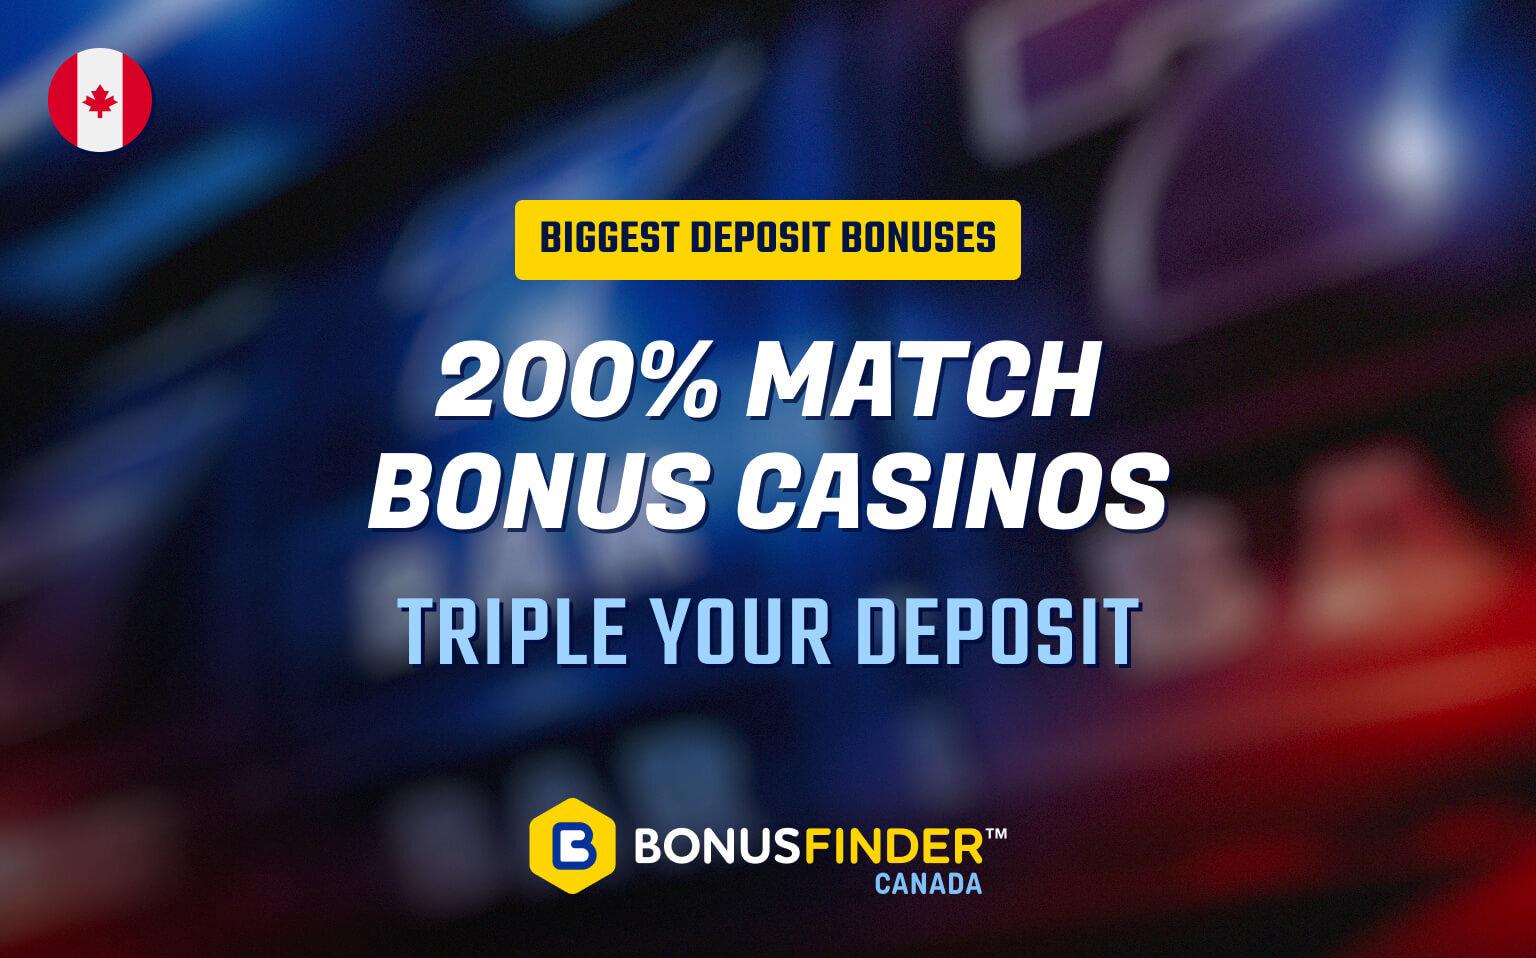 200% match bonus casino Canada